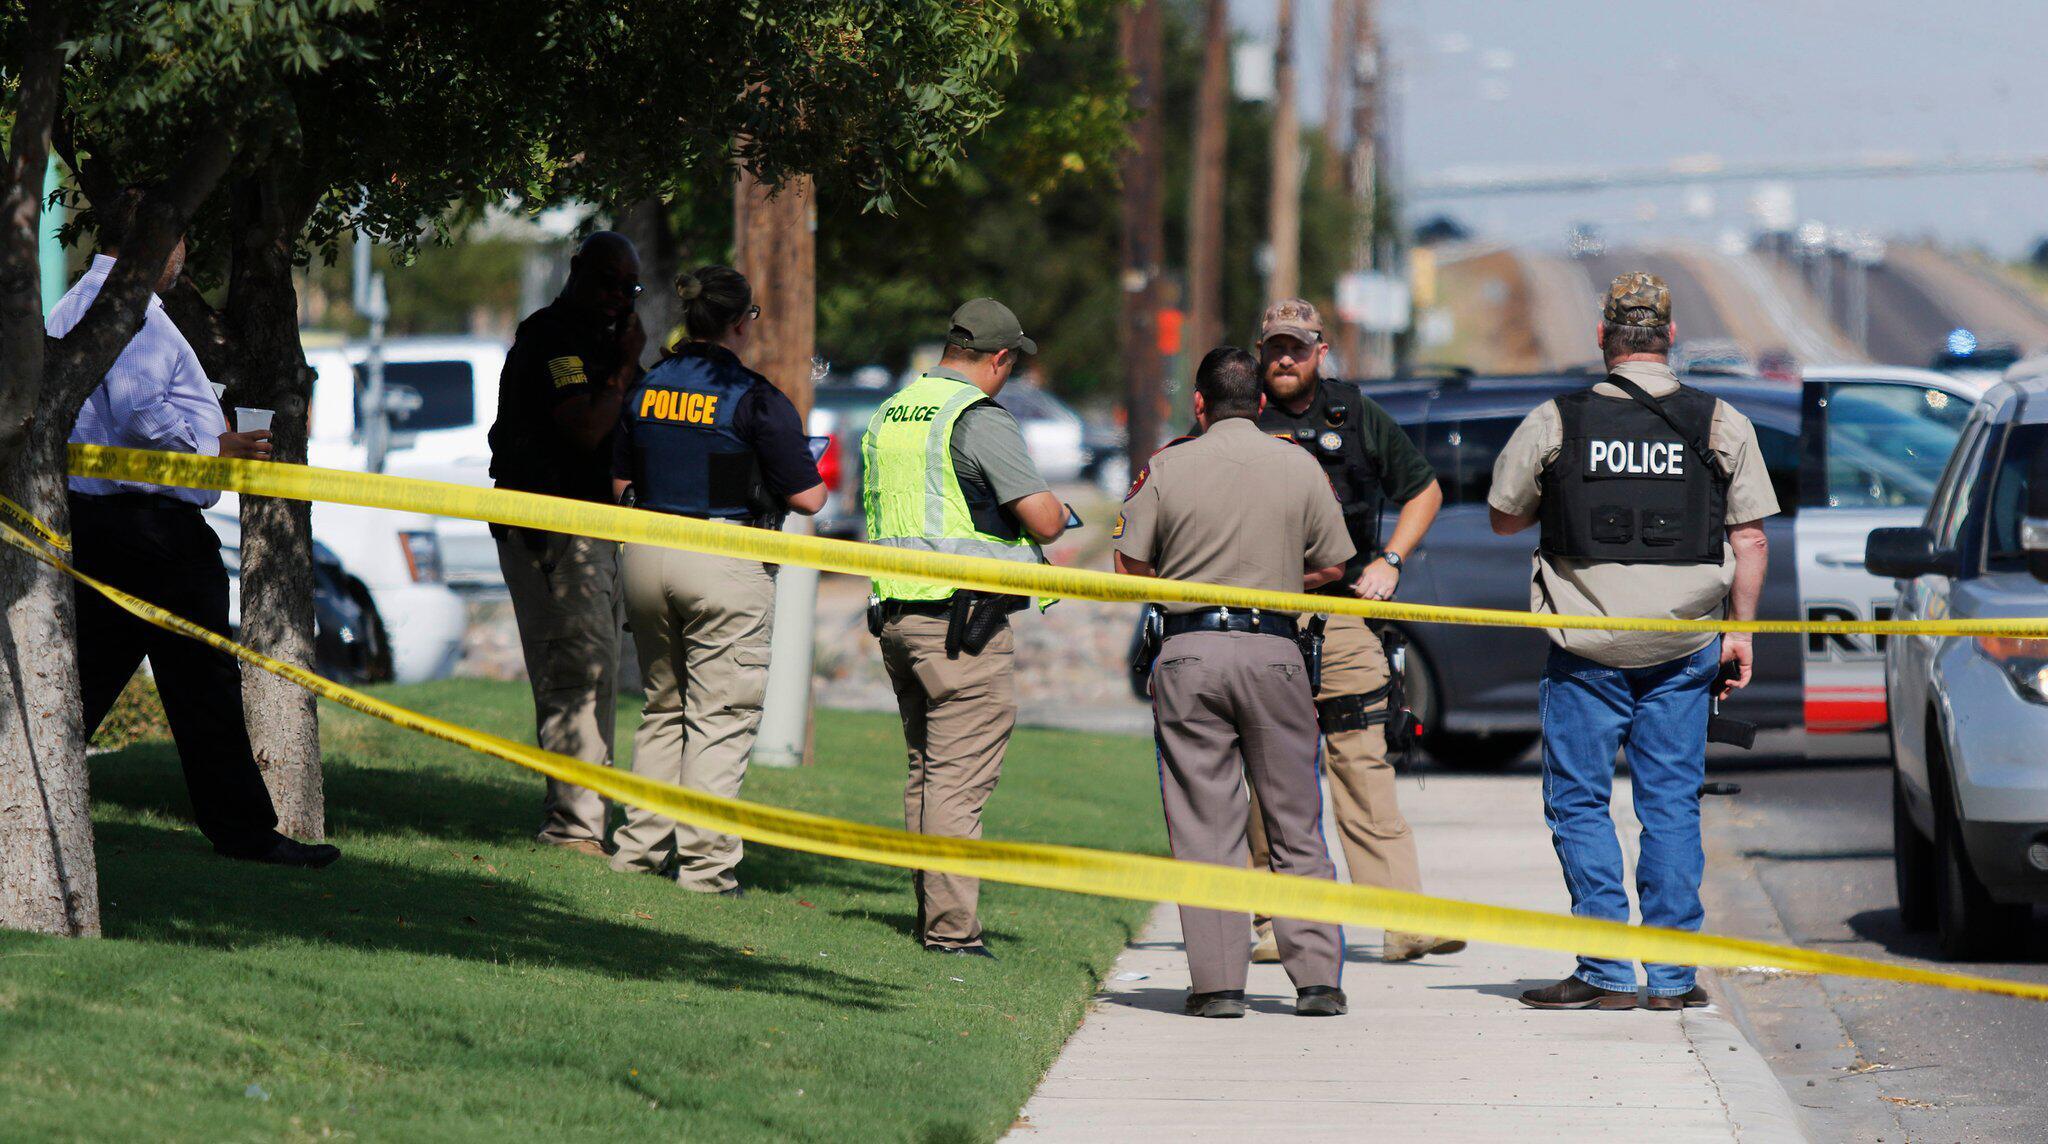 Bild zu Texas, USA, Schiesserei, Polizei, Tote, Waffenrecht, Präsident, Donald Trump